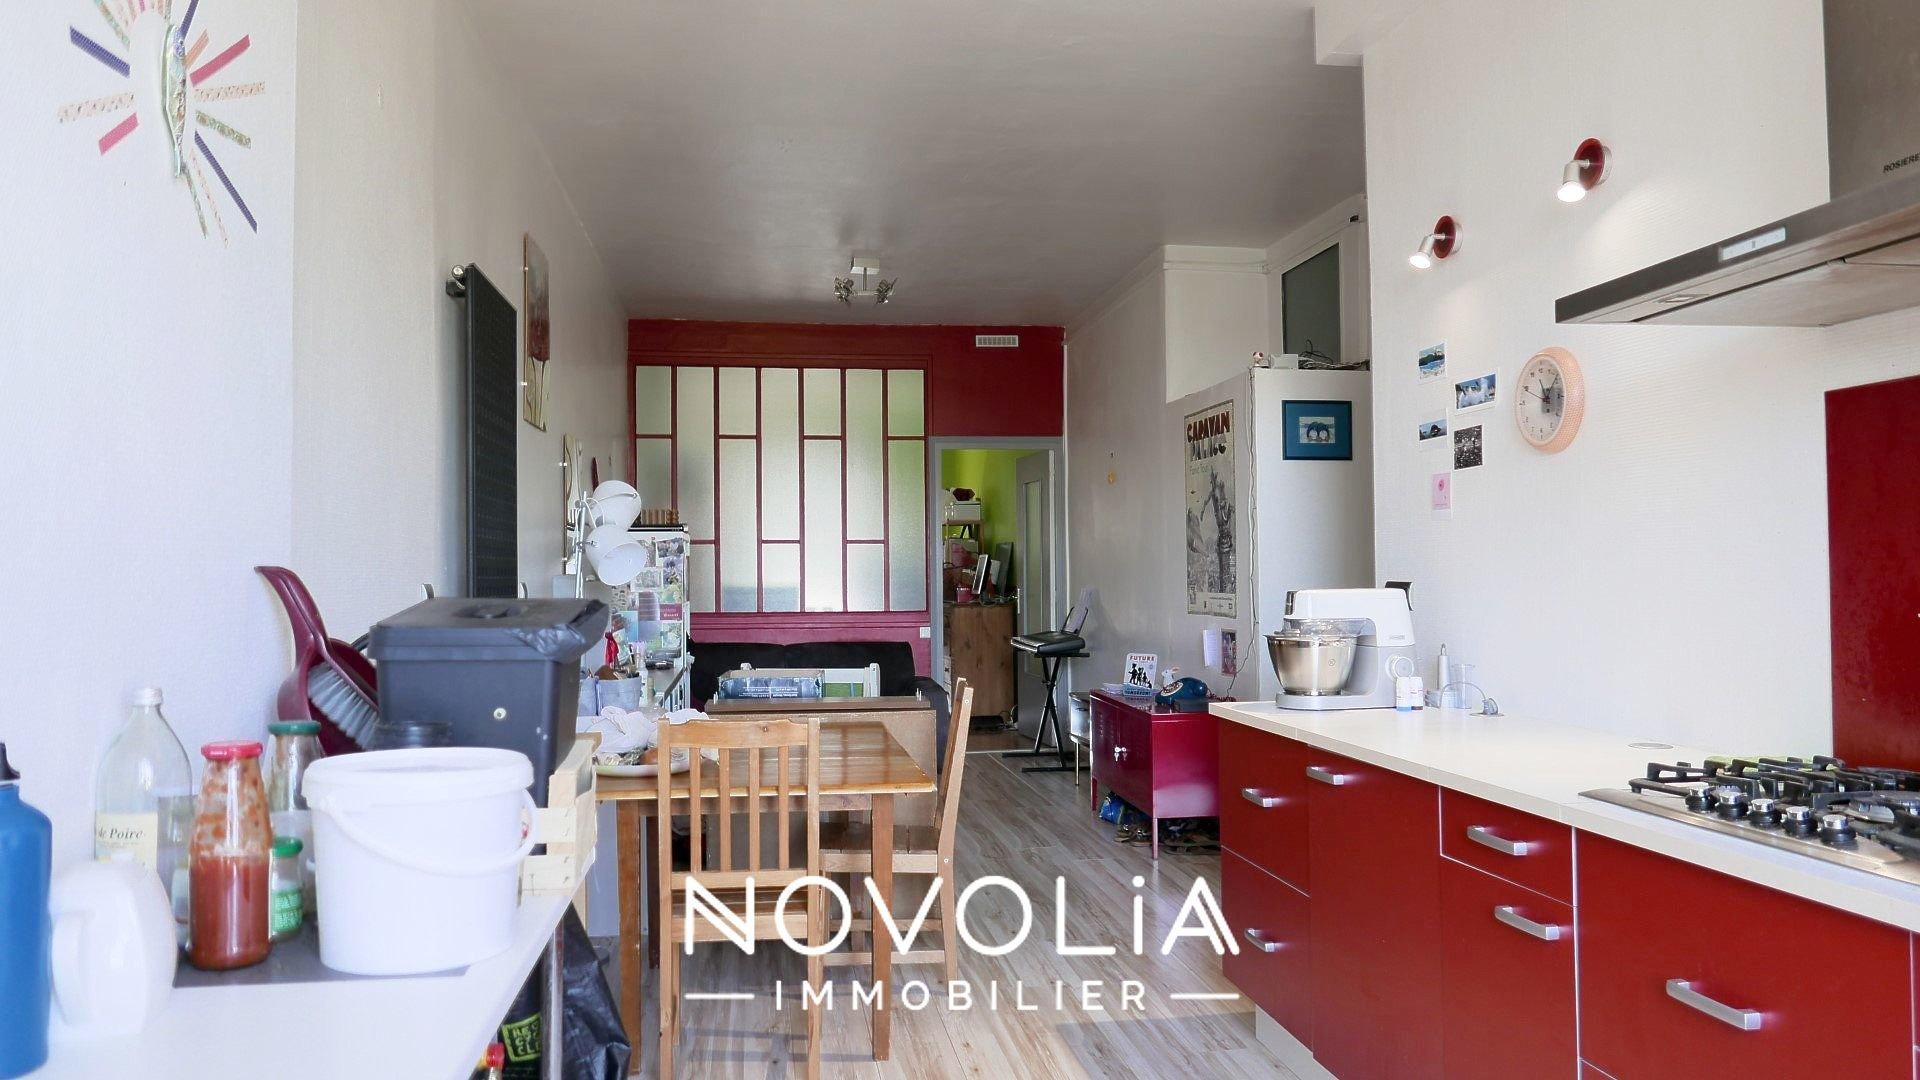 Achat Appartement Surface de 65 m², 3 pièces, Lyon 3ème (69003)